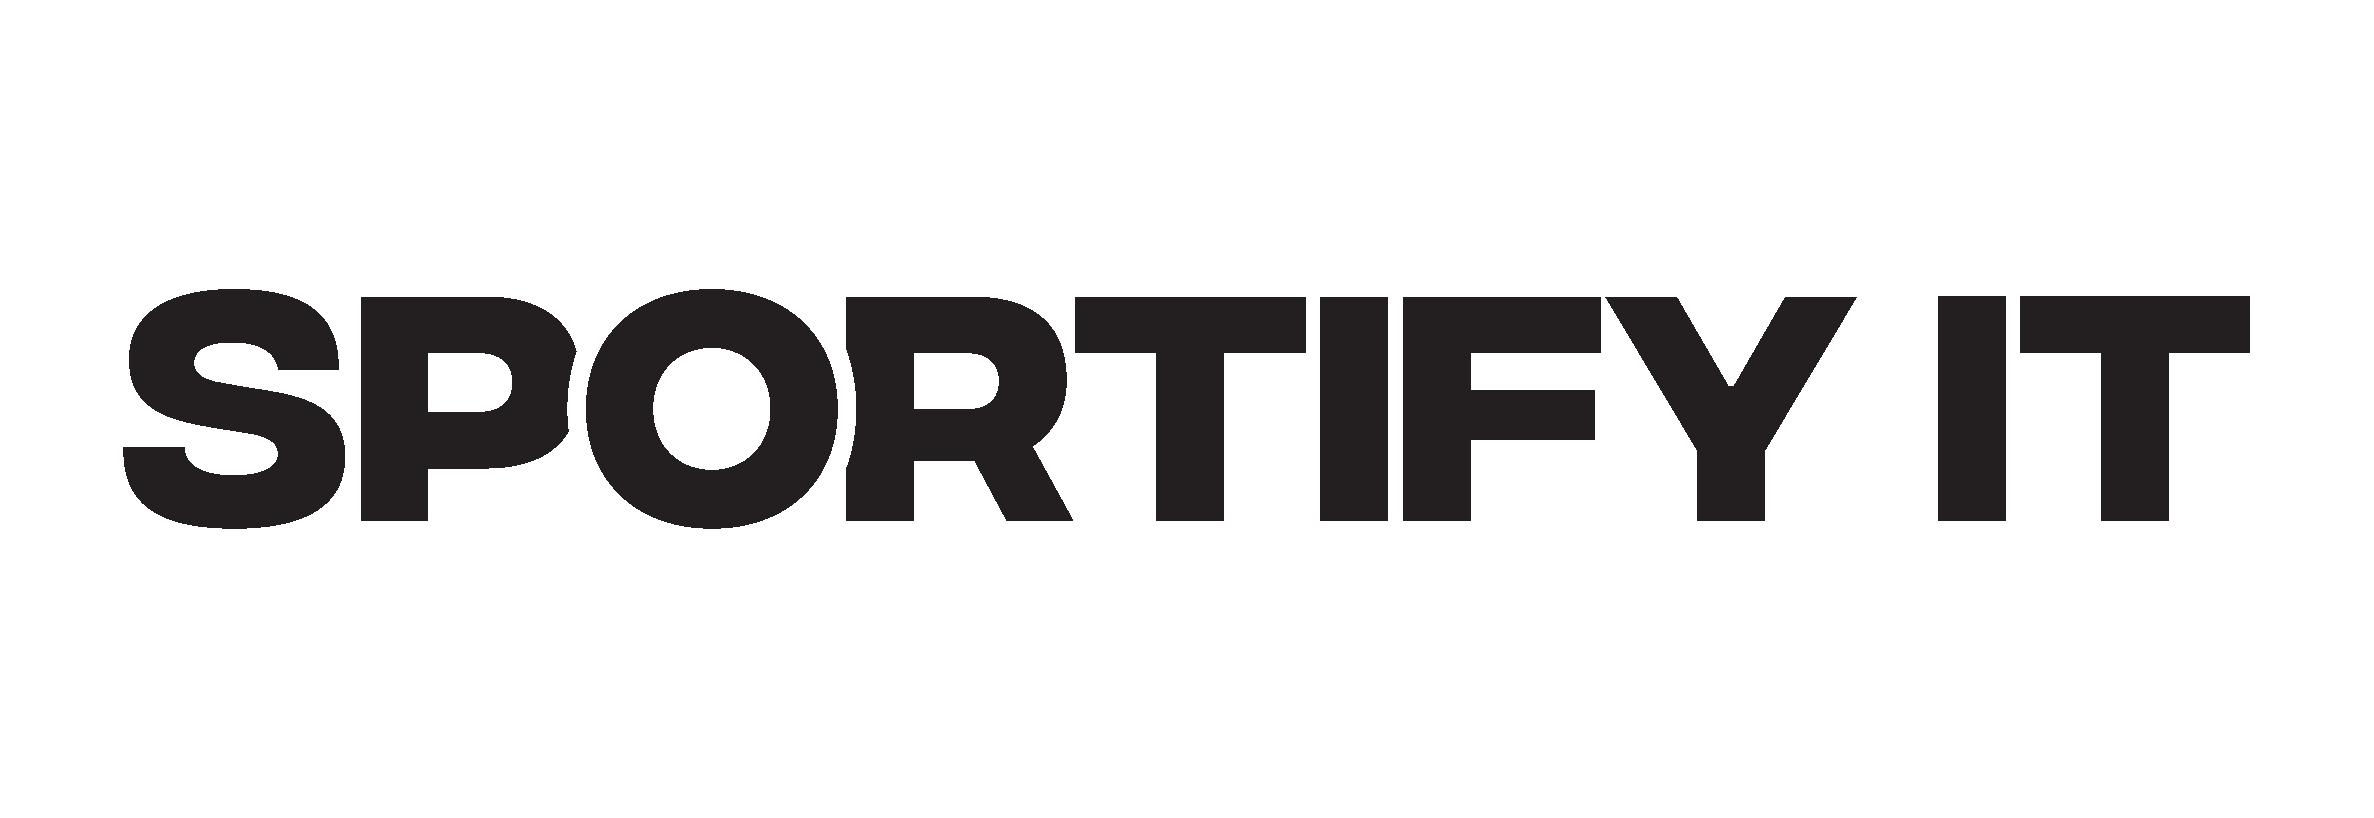 Sportify It logo